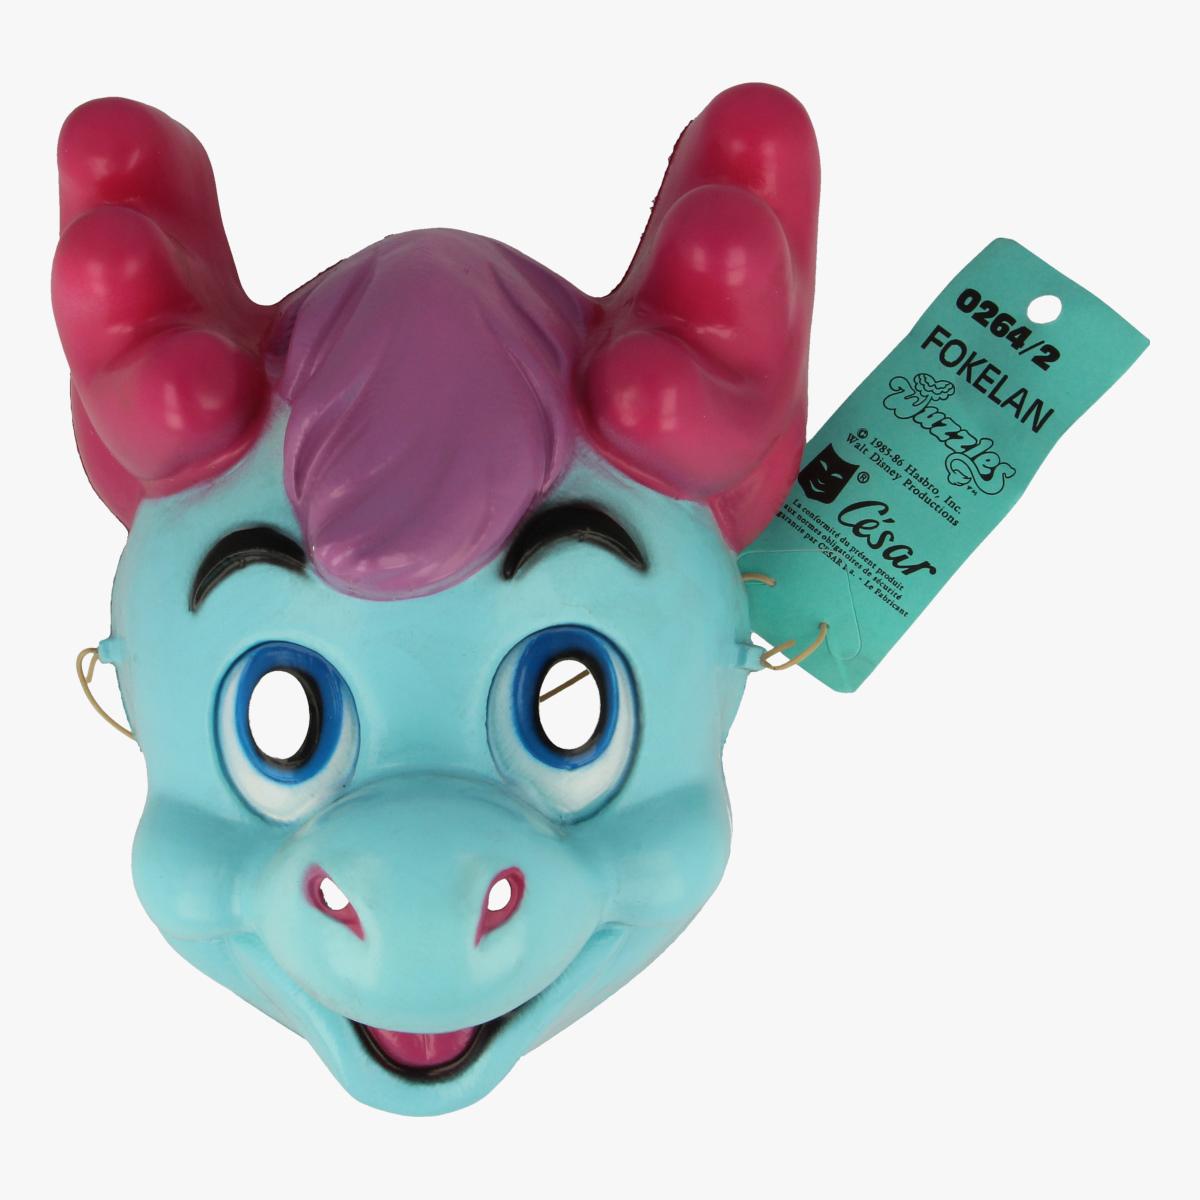 Afbeeldingen van Masker carnaval Fokelan